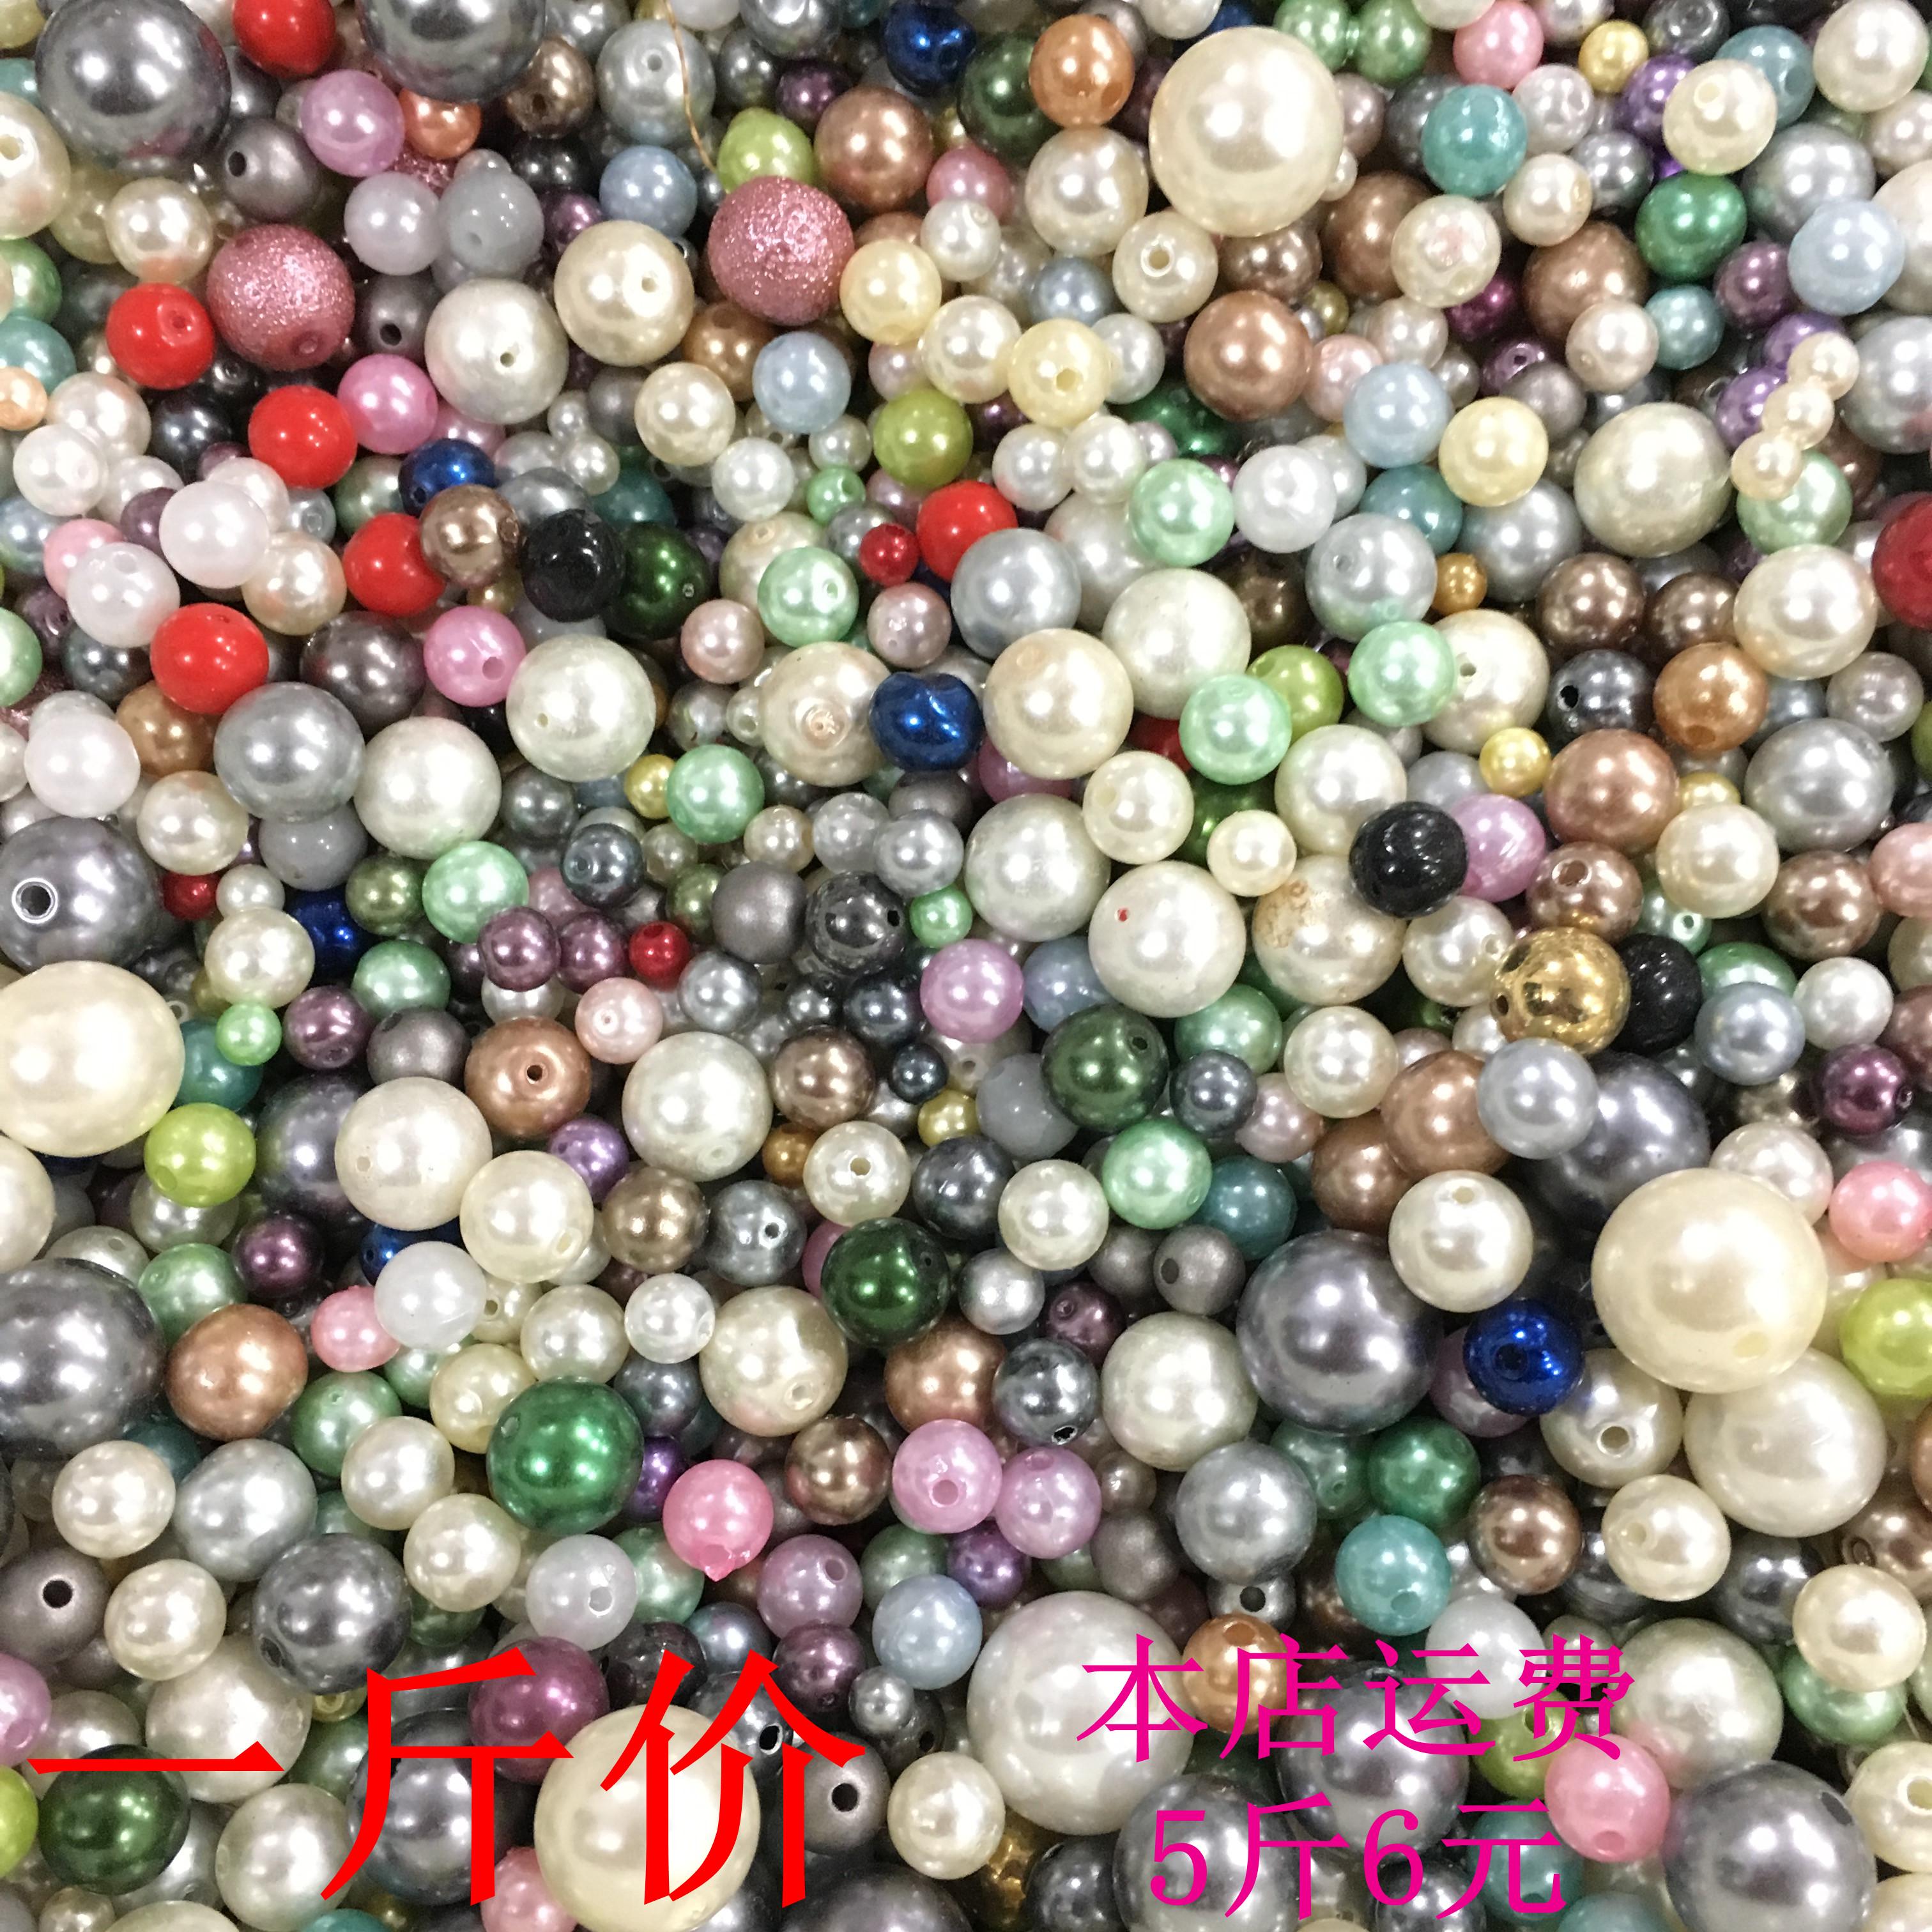 一斤价 各种杂款多色玻璃仿珍珠和塑料仿珍珠混发发饰手工DIY串珠